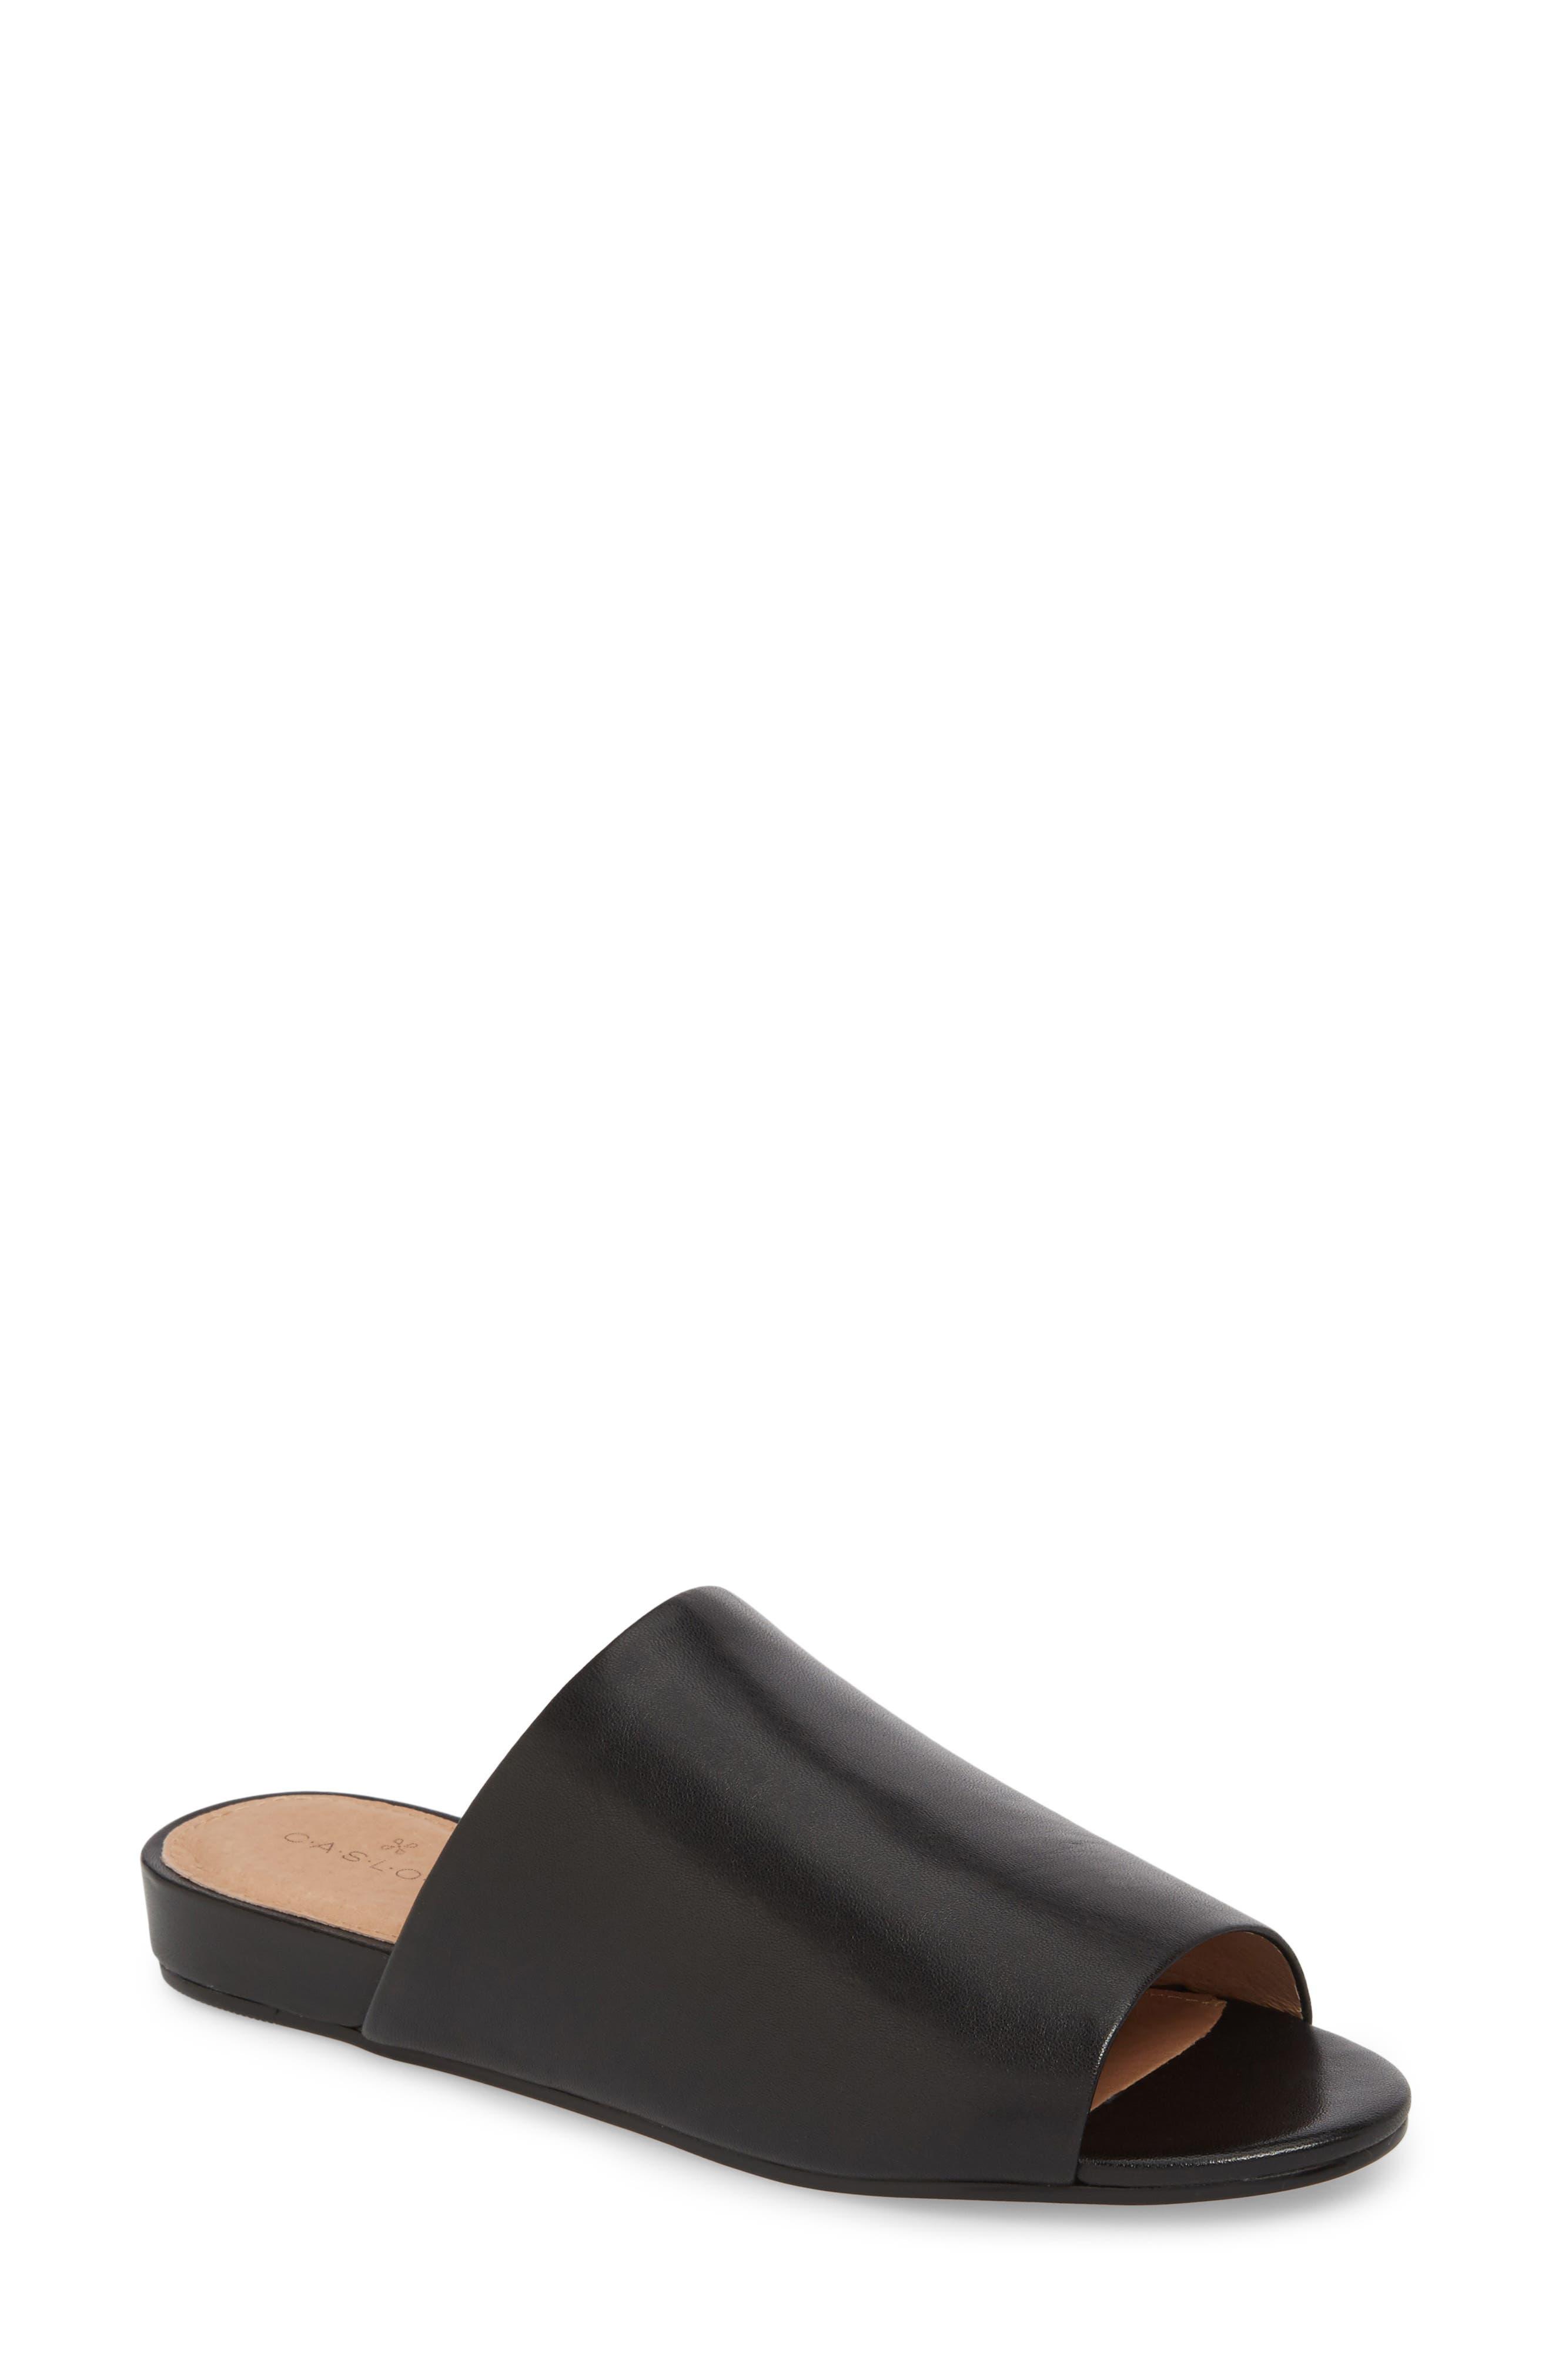 Kiana Slide Sandal,                             Main thumbnail 1, color,                             001